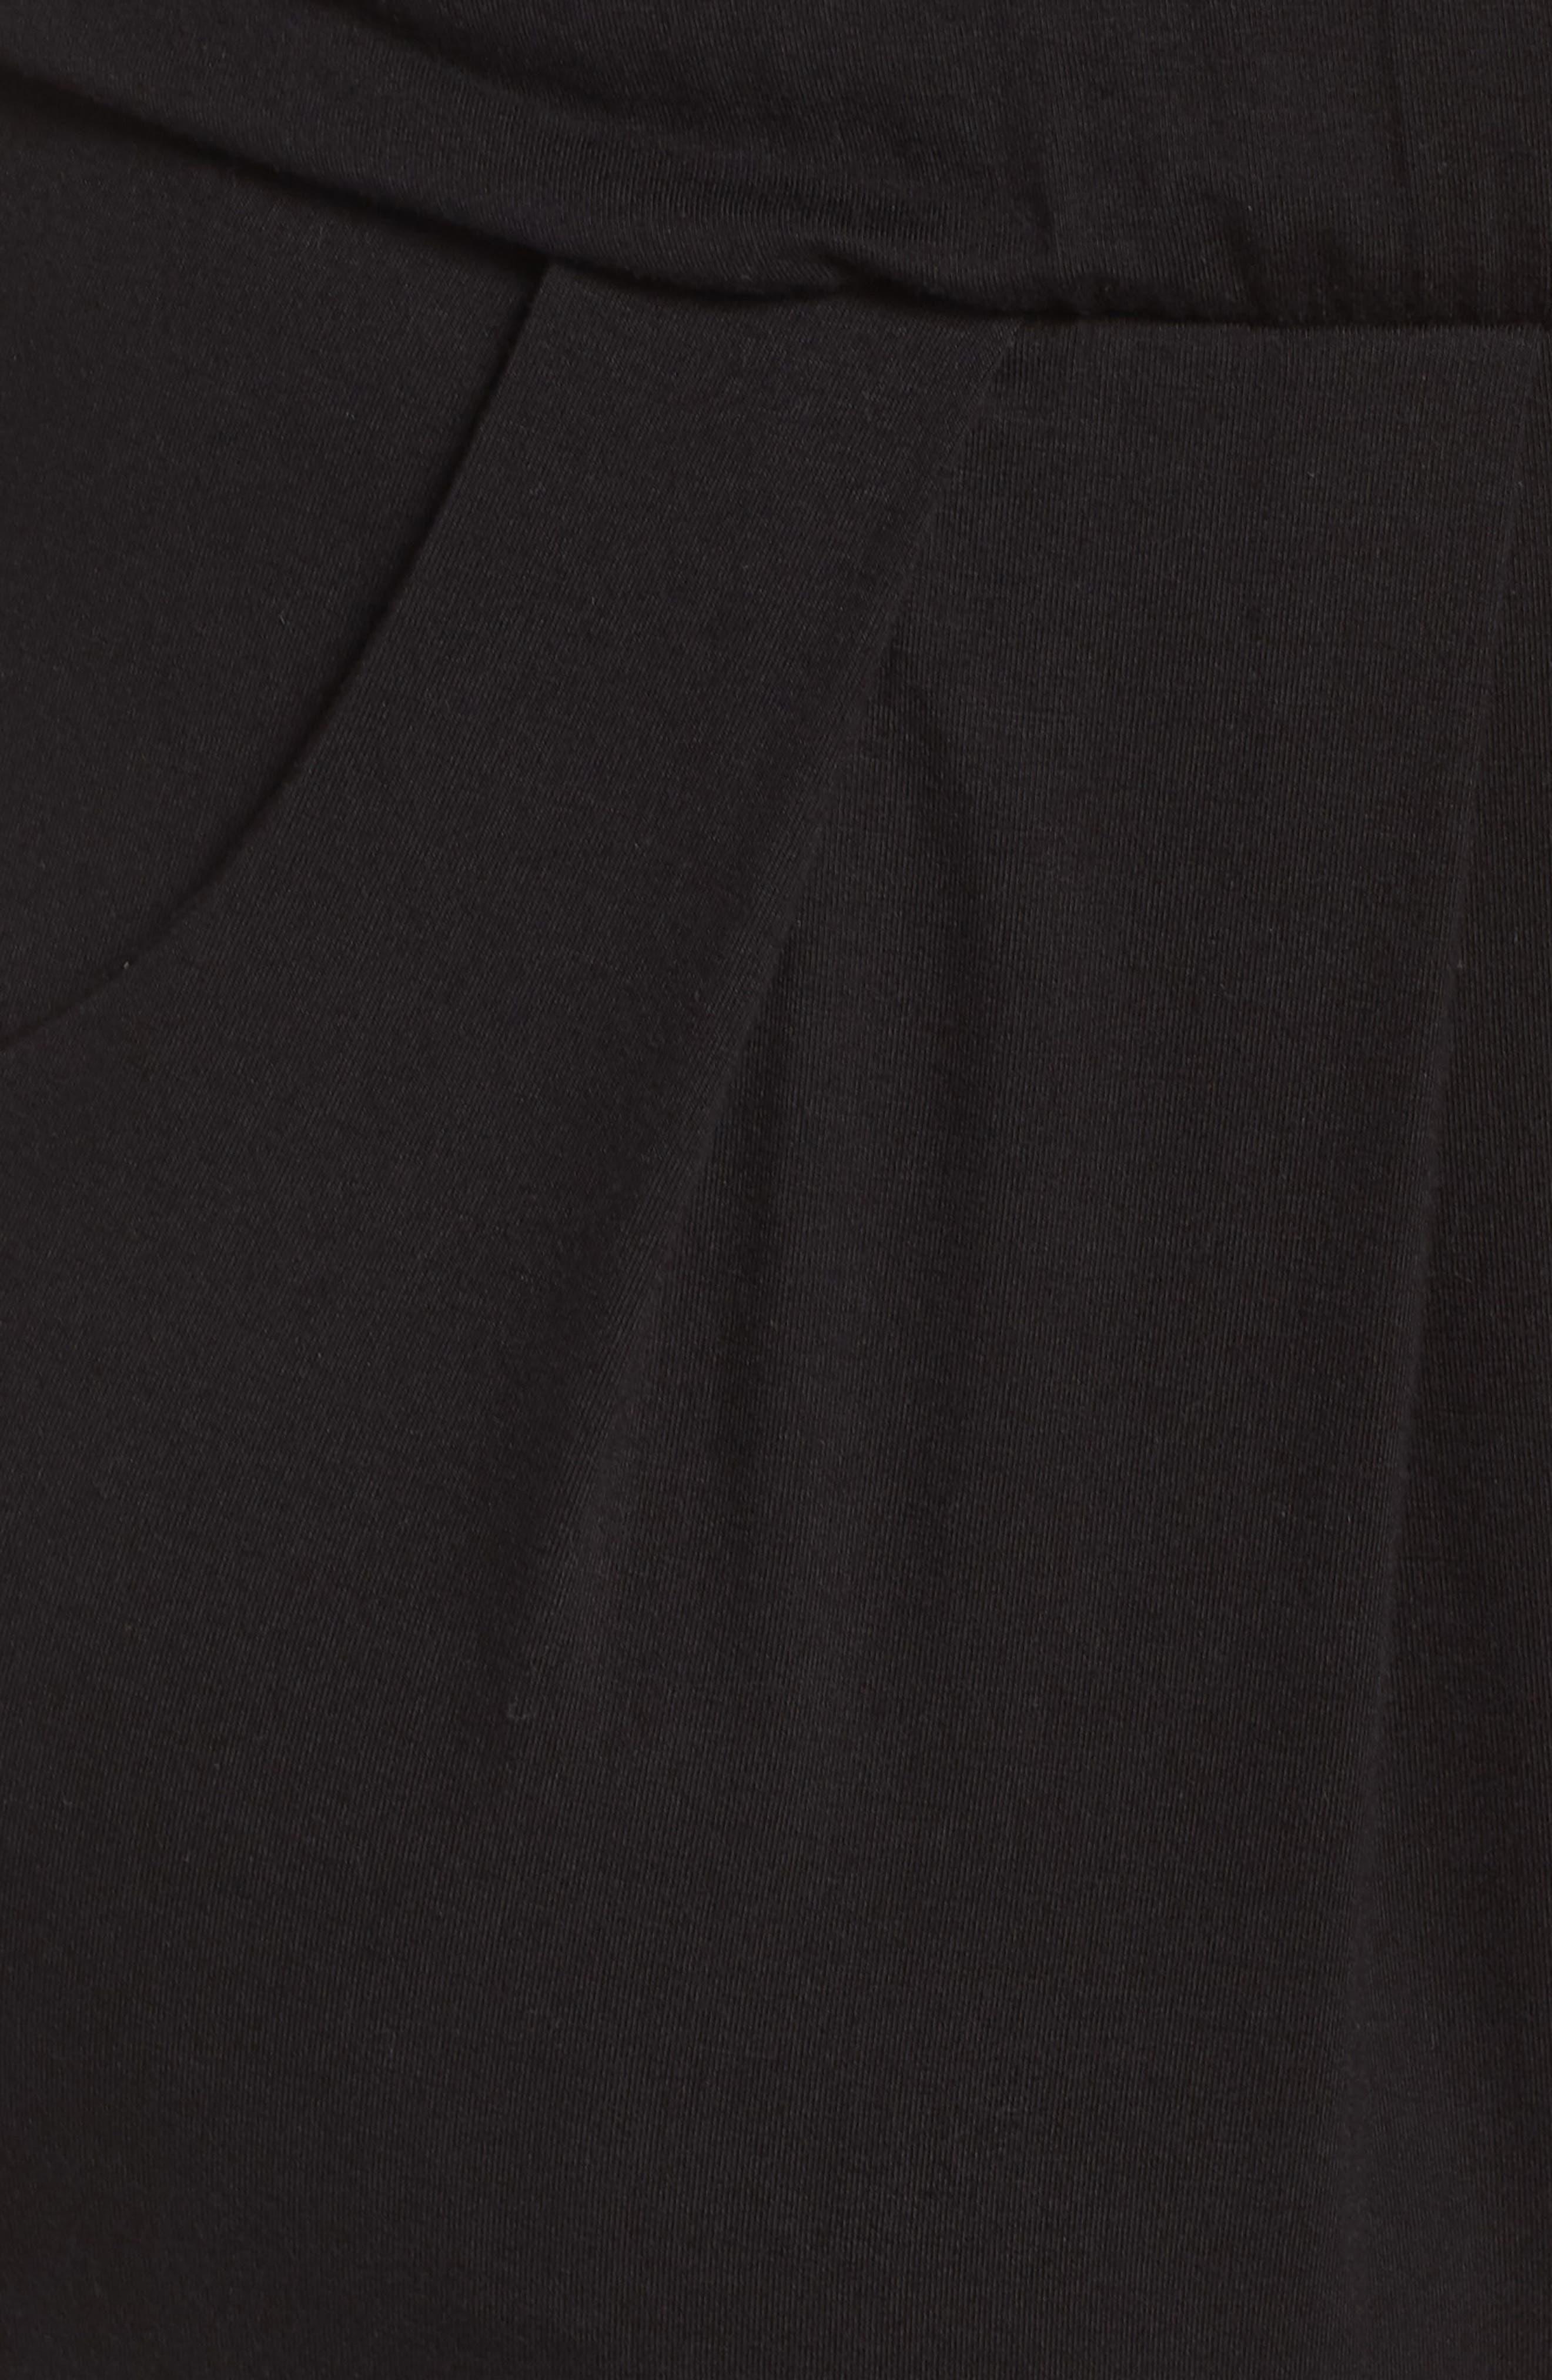 Short Sleeve Wrap Top Jumpsuit,                             Alternate thumbnail 6, color,                             Black